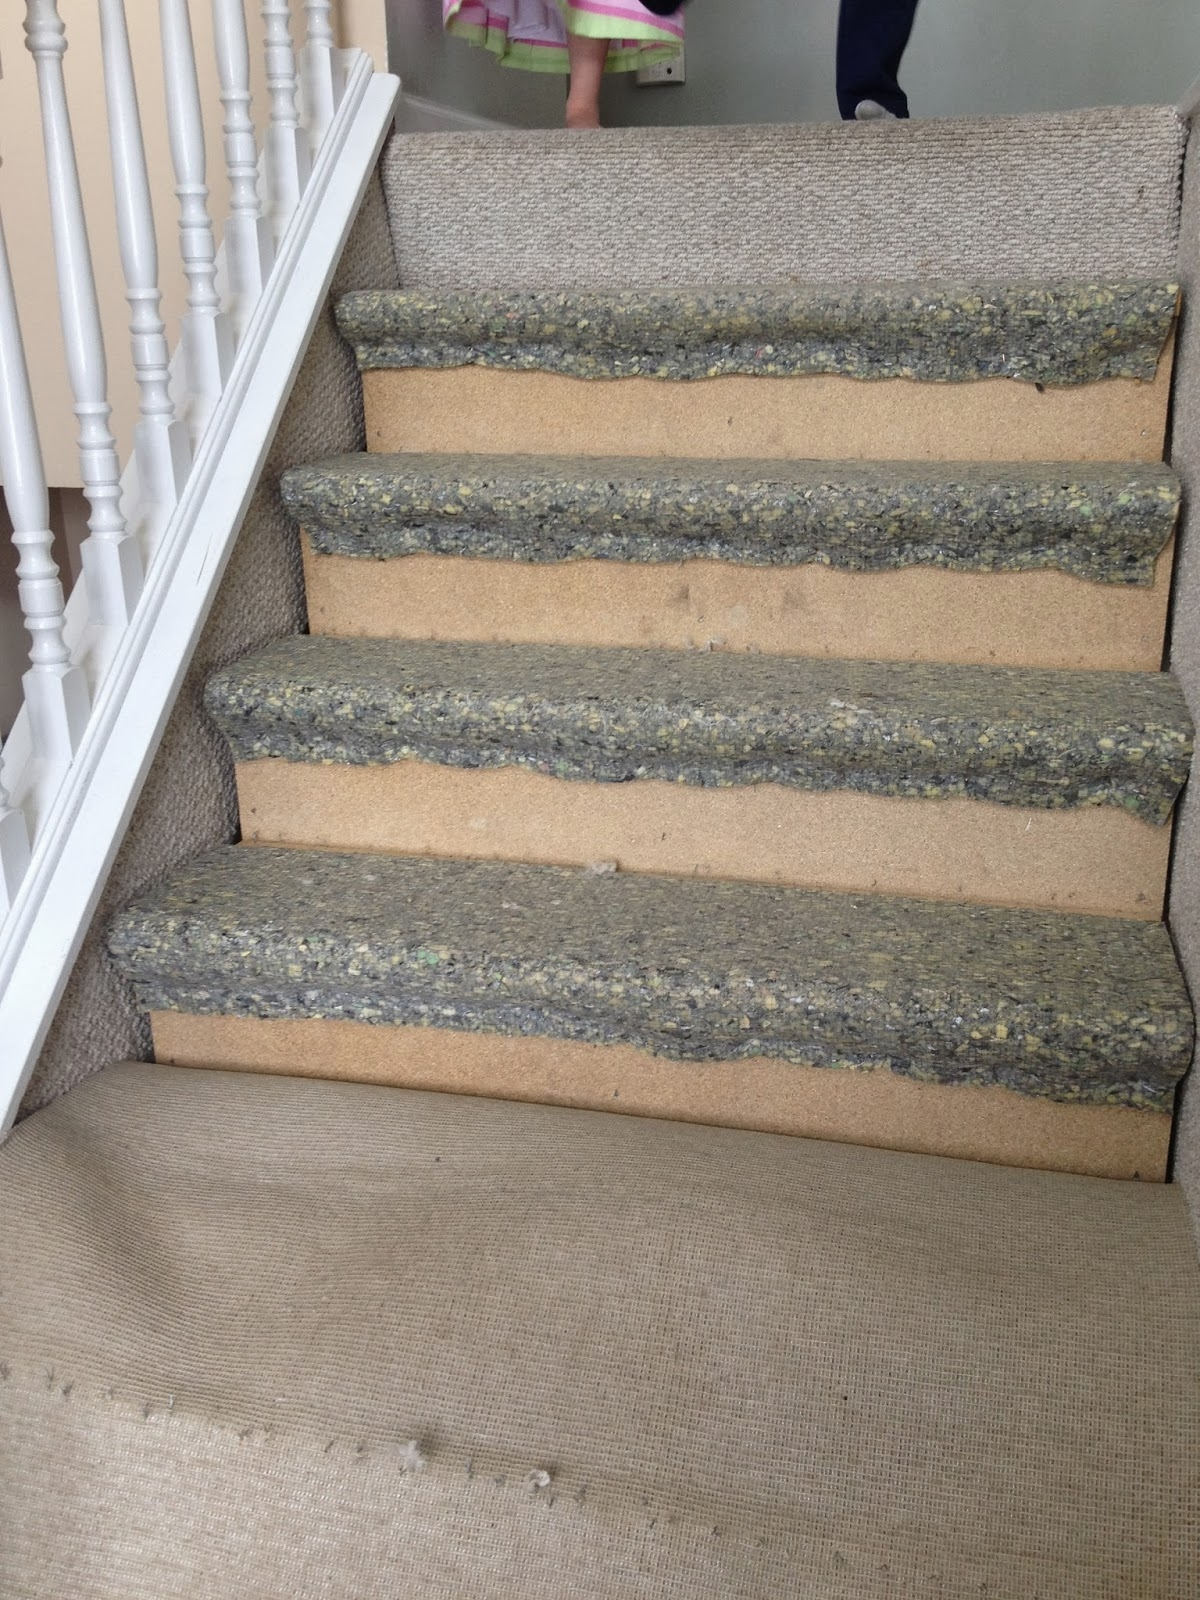 Remodelaholic 60 Carpet To Hardwood Stair Remodel Regarding Diy Stair Tread Rugs (Image 8 of 15)